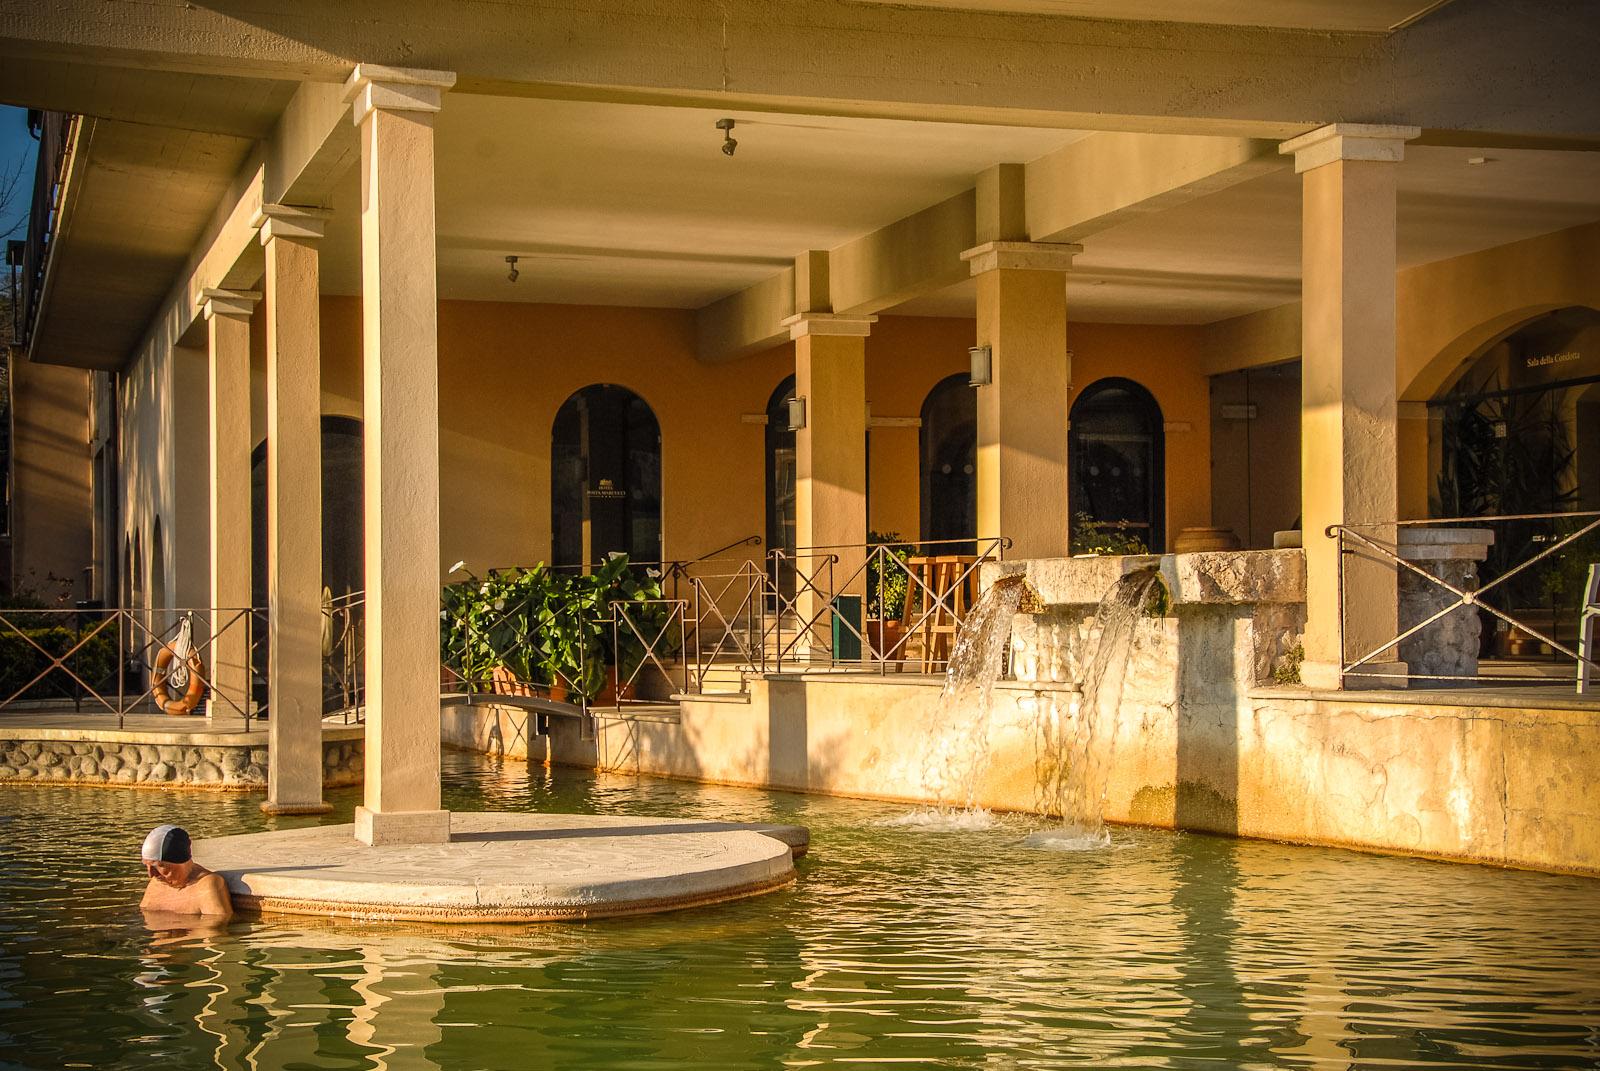 2002 committente hotel posta marcucci loc bagno vignoni si progetto e dl completa per i lavori di ristrutturazione dellhotel posta marcucci